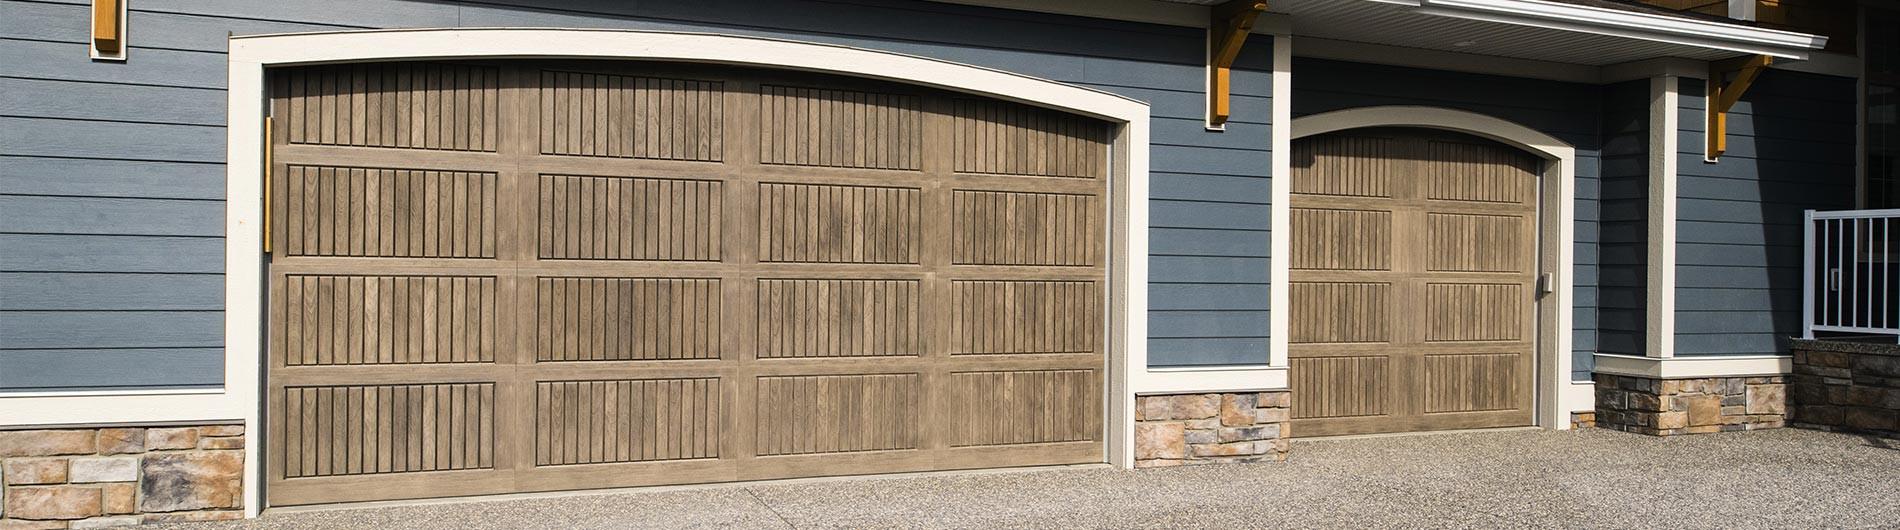 9800-Fiberglass-Garage-Door-Sonoma-Clay.